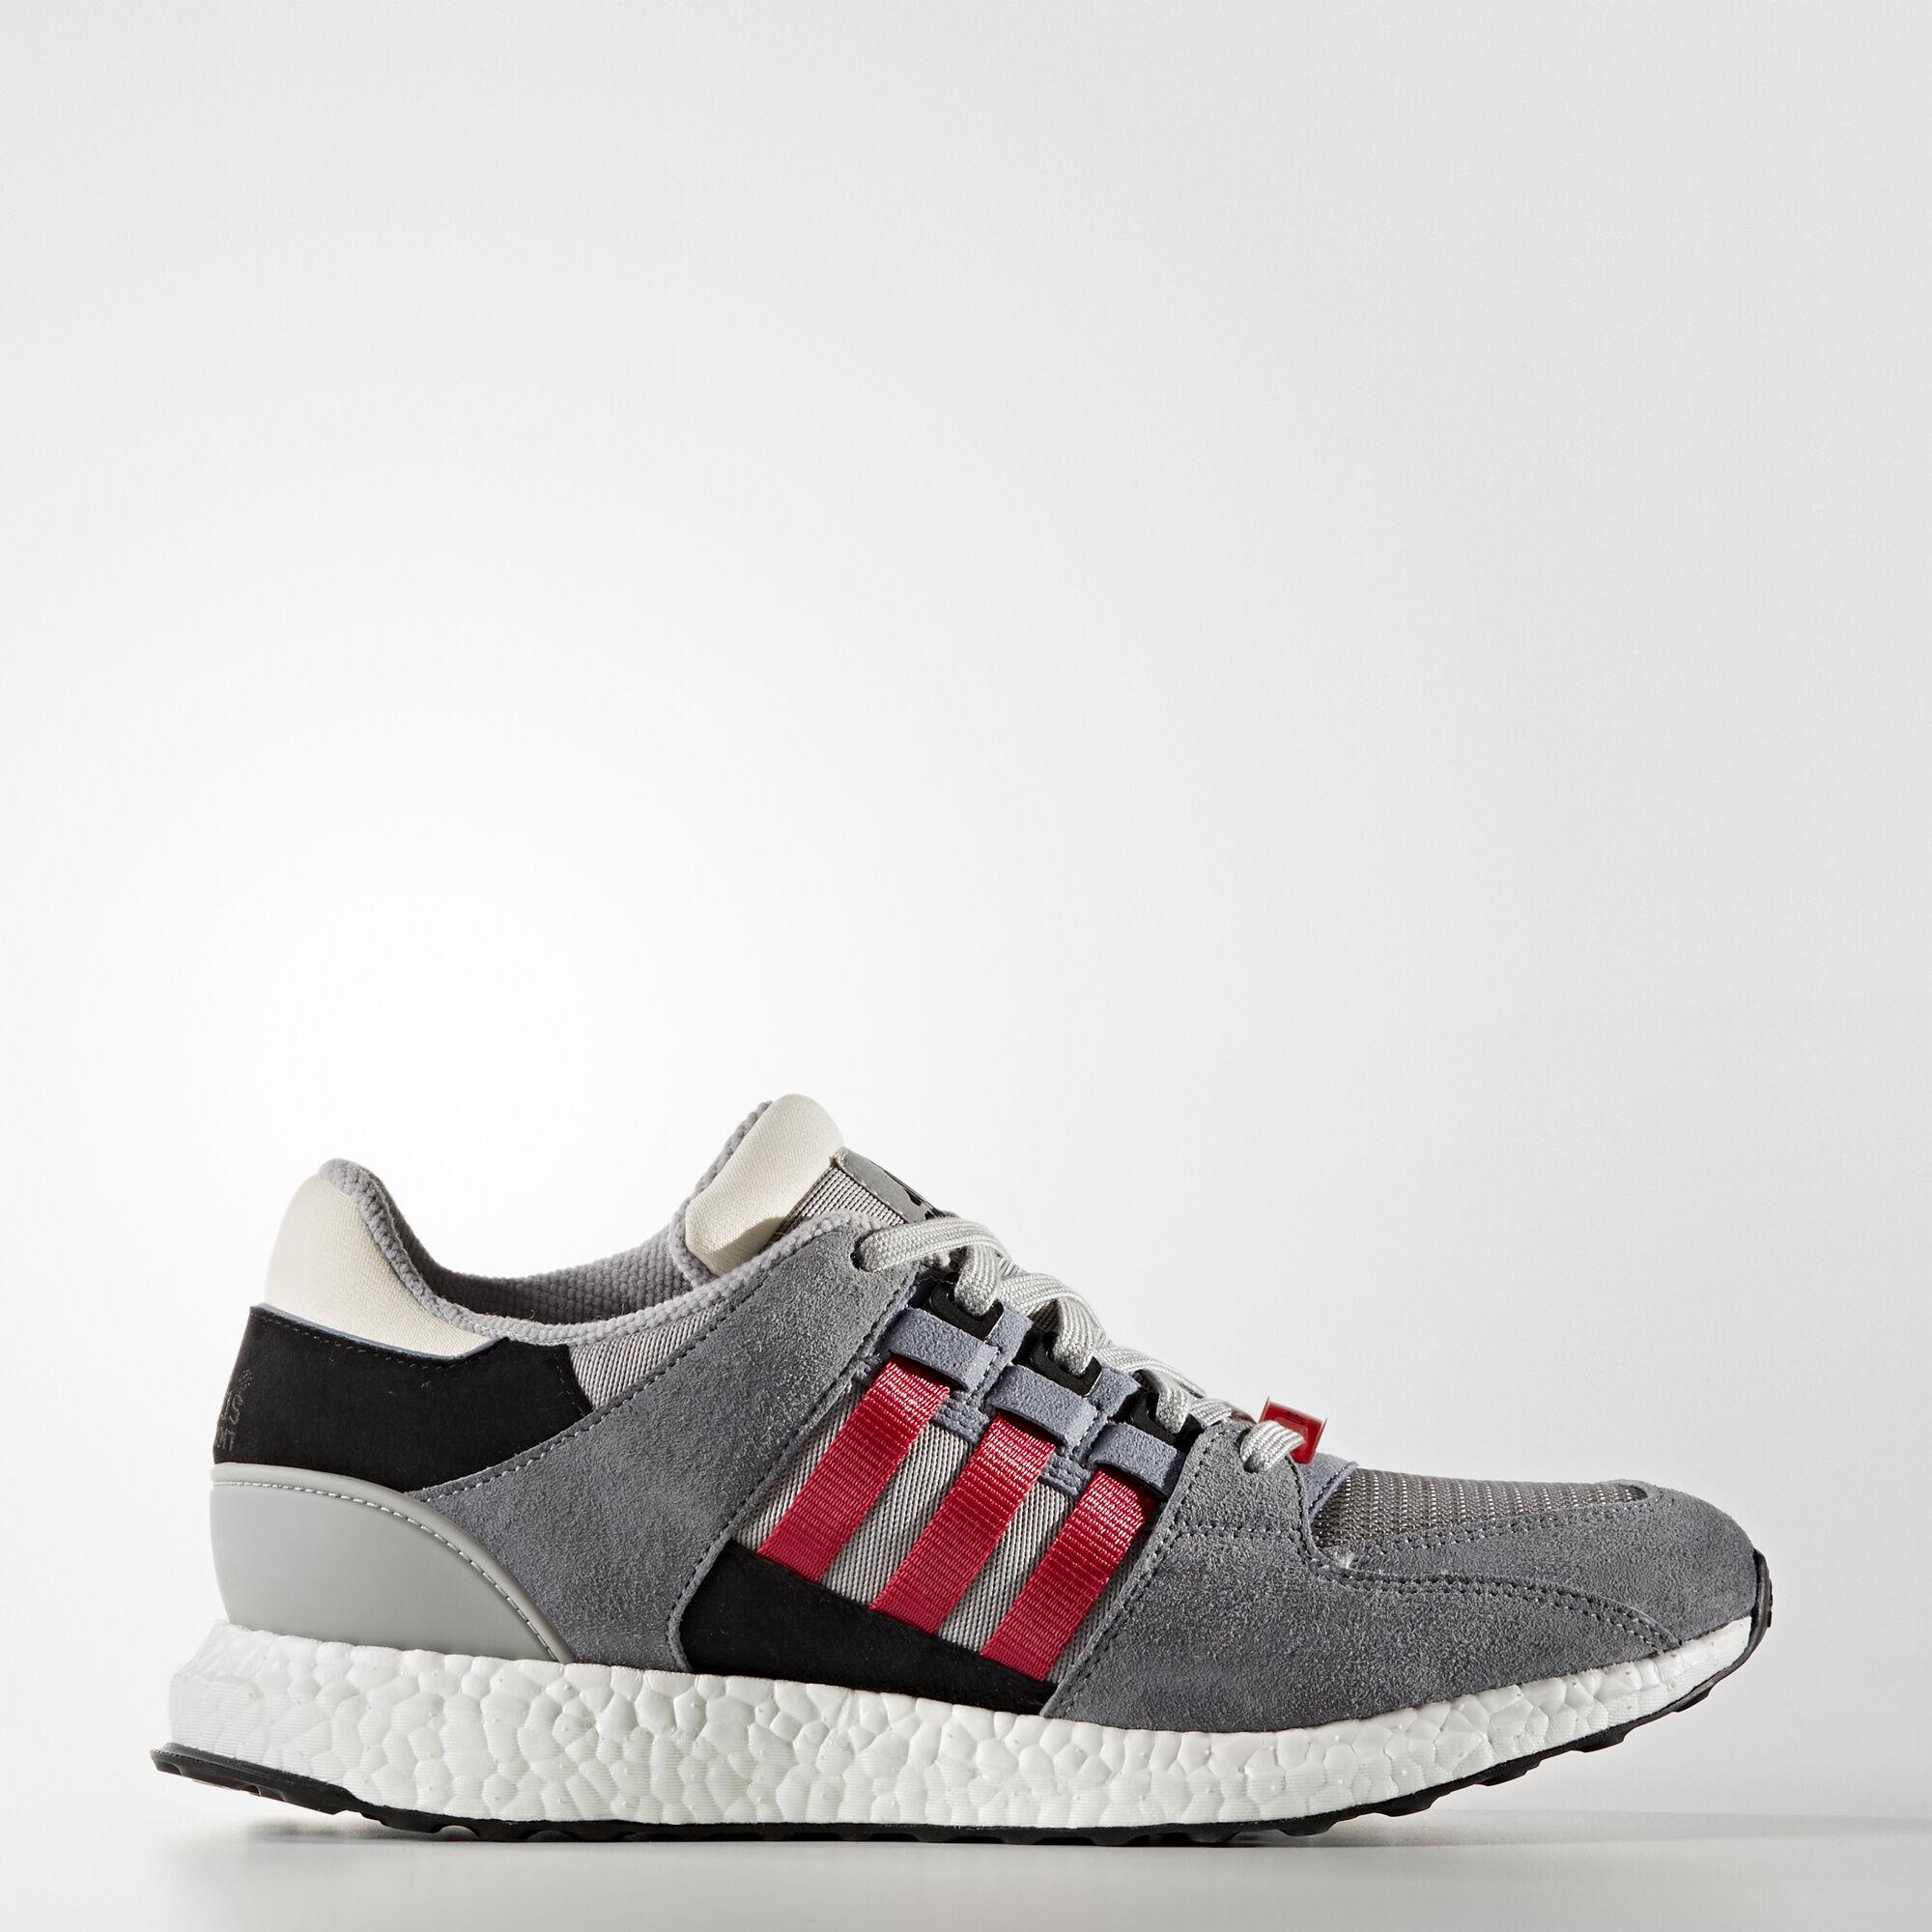 Werbung ch Teno Aus Adidas Schuhe Outfittery 0OkX8nPw